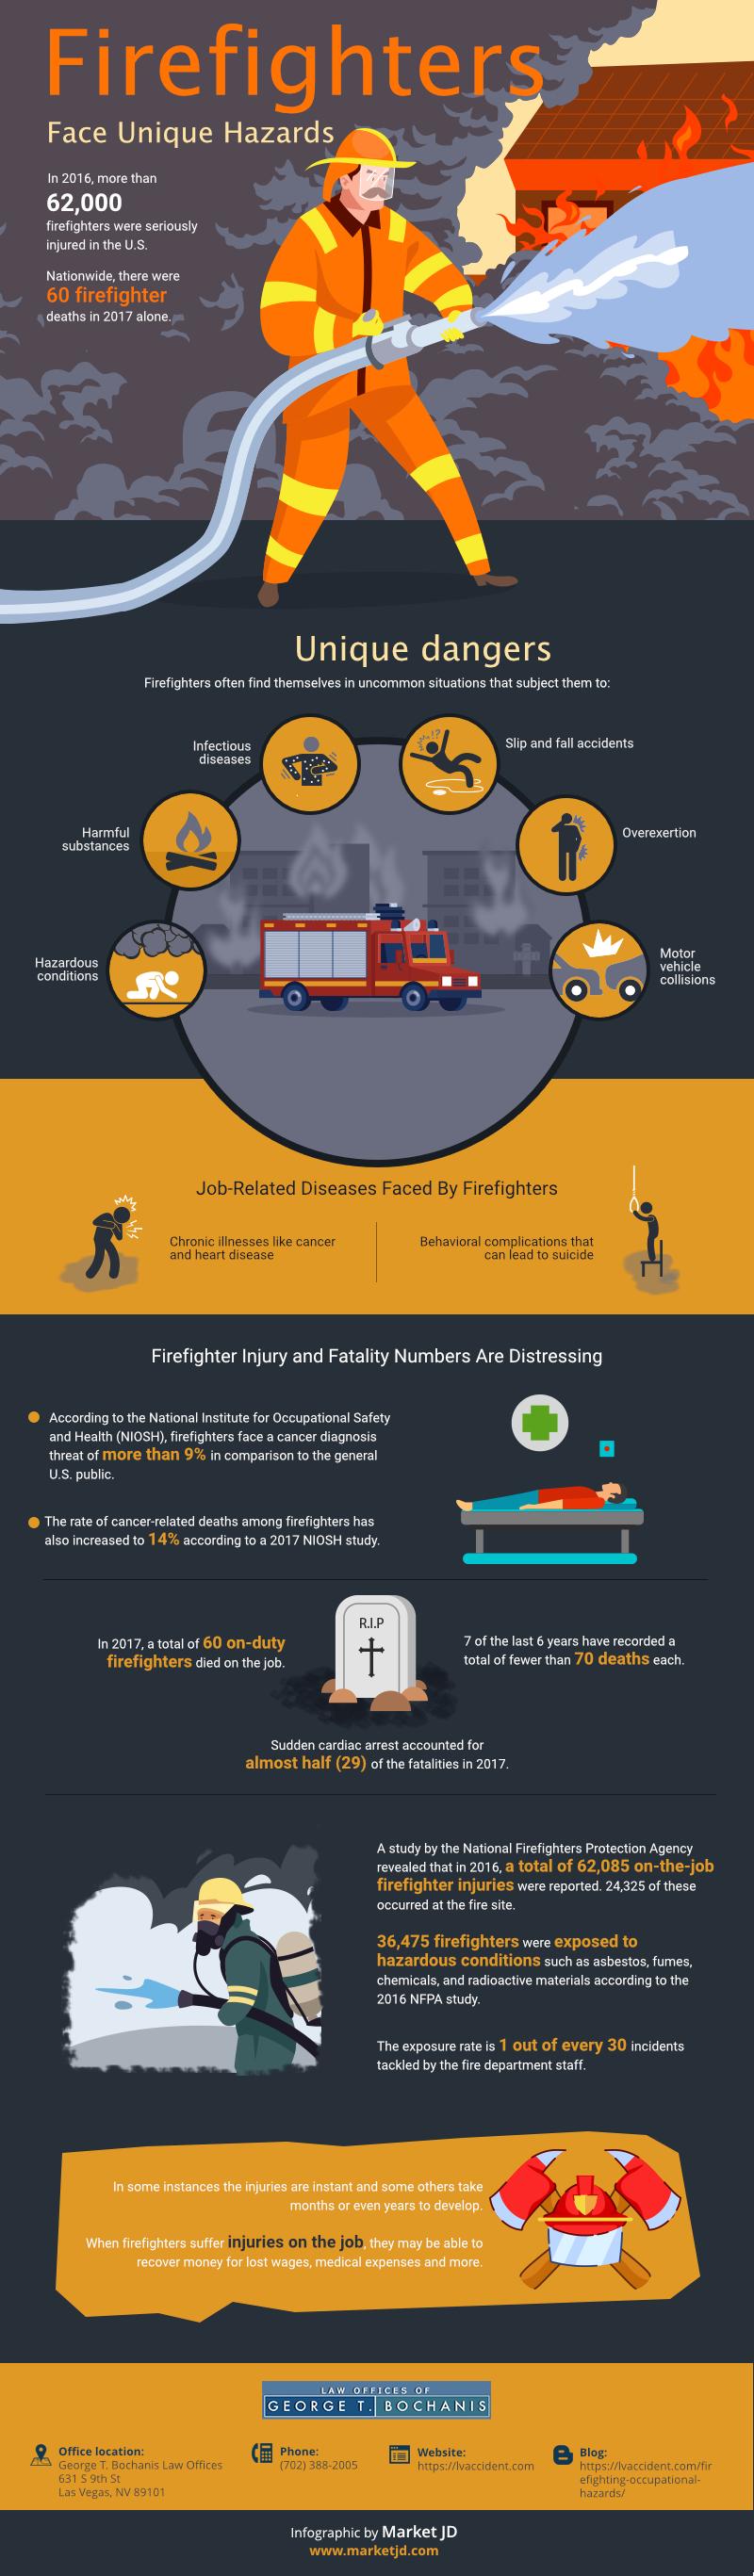 Firefighters Face Unique Hazards (1)